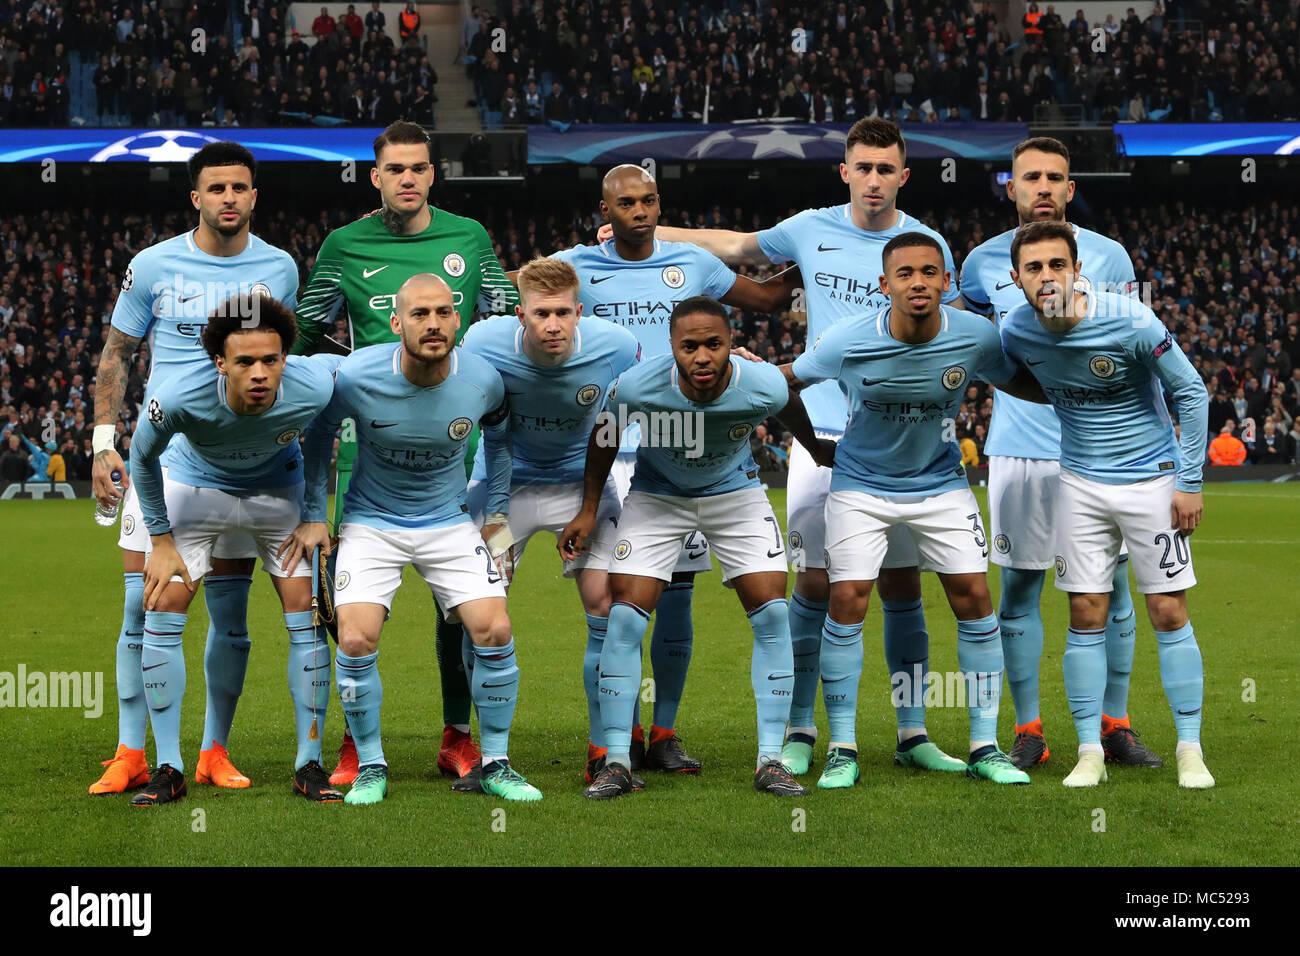 Manchester city match line up